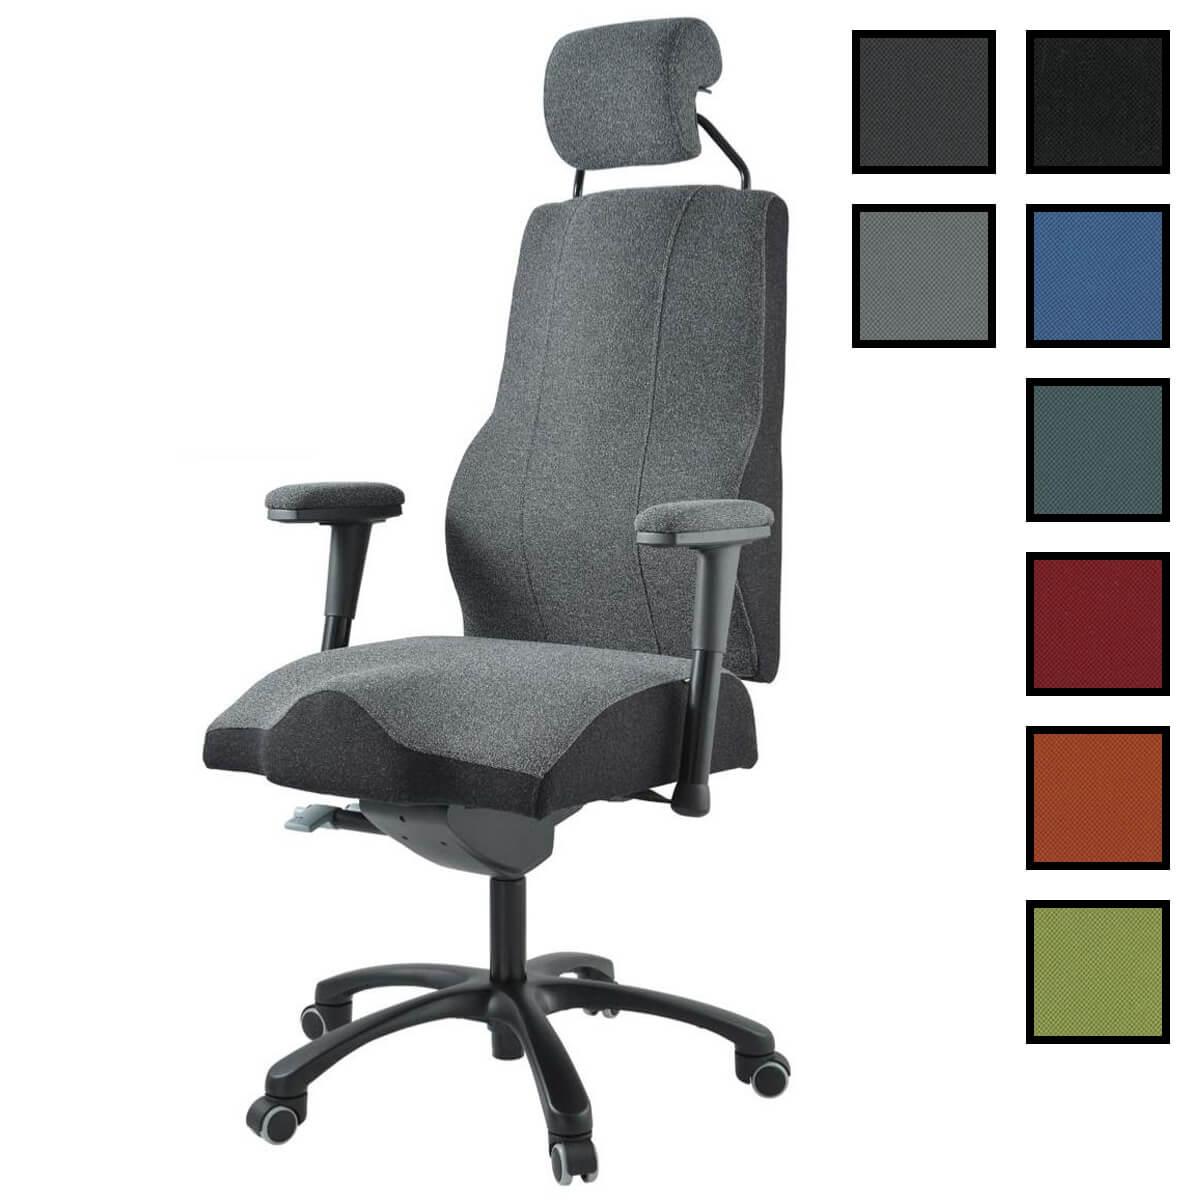 gigant fauteuil de bureau pour grandes personnes